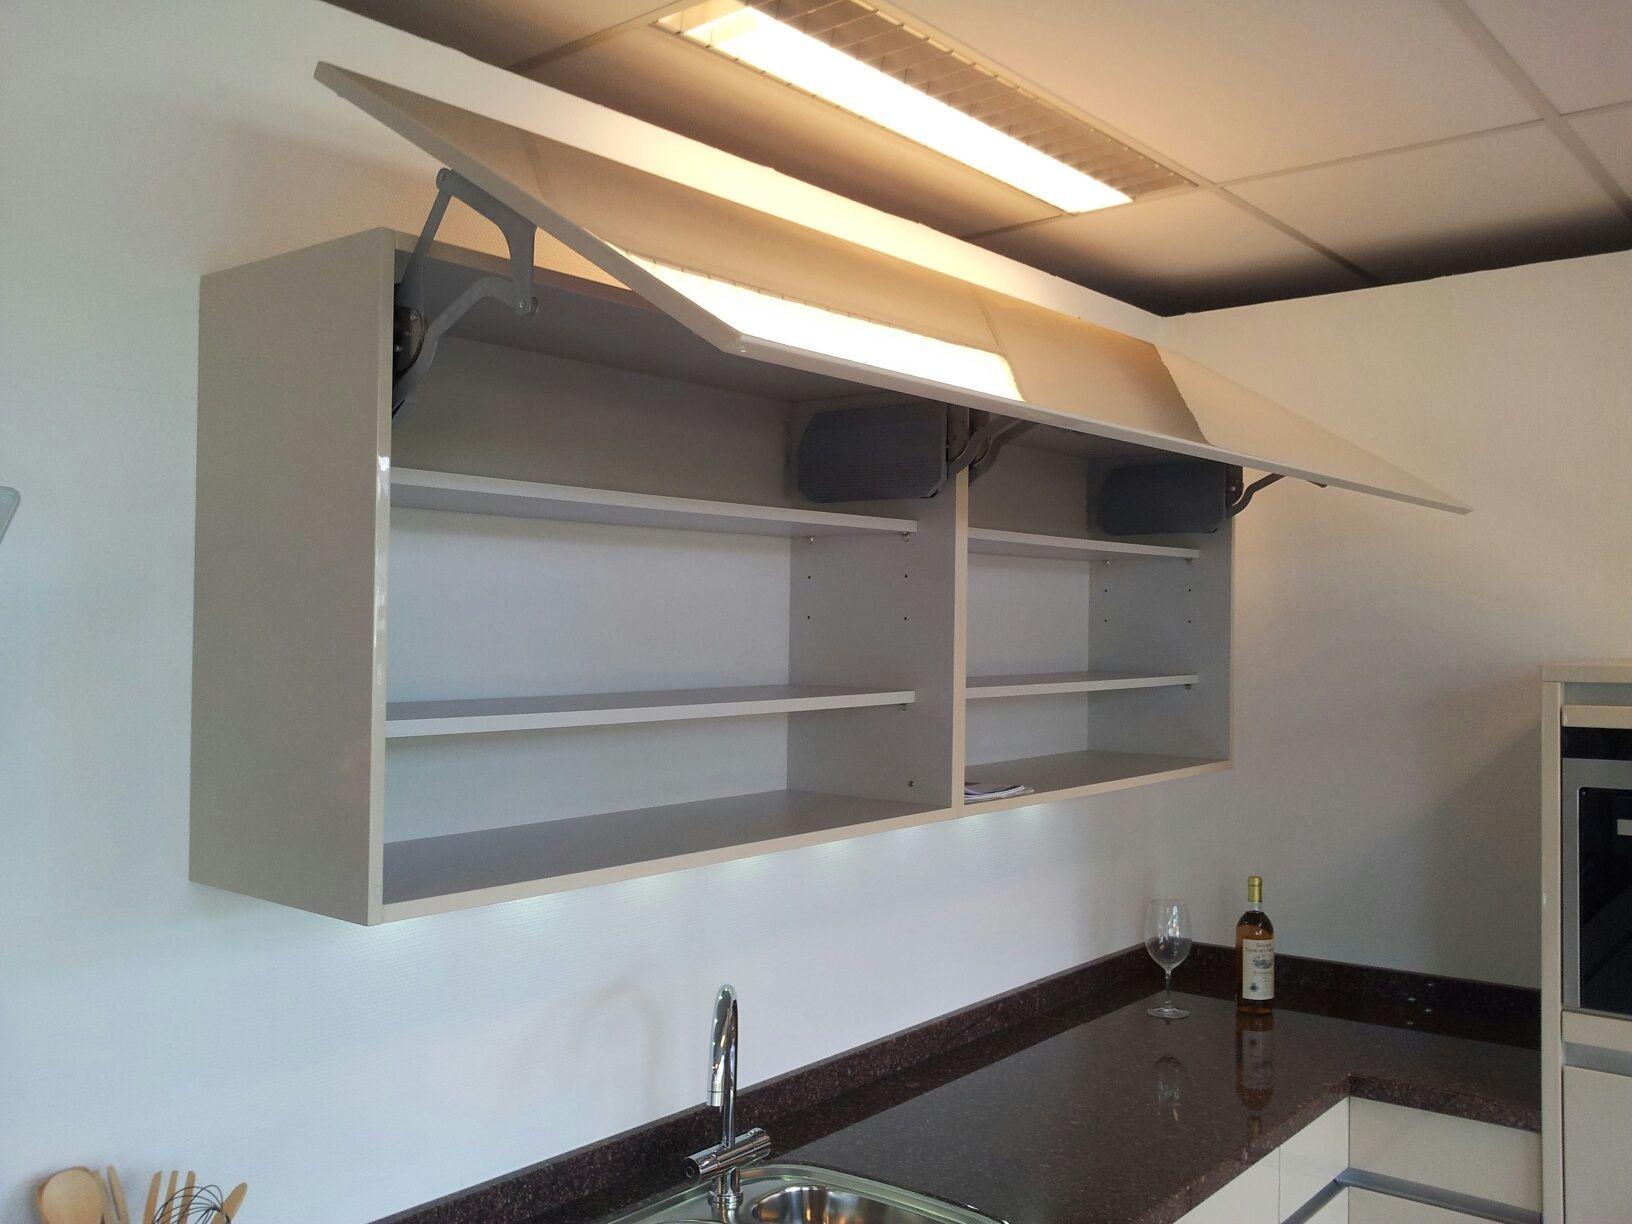 Keuken Kleur Sahara : uit Nederland keukens voor zeer lage keuken prijzen Leicht [43020